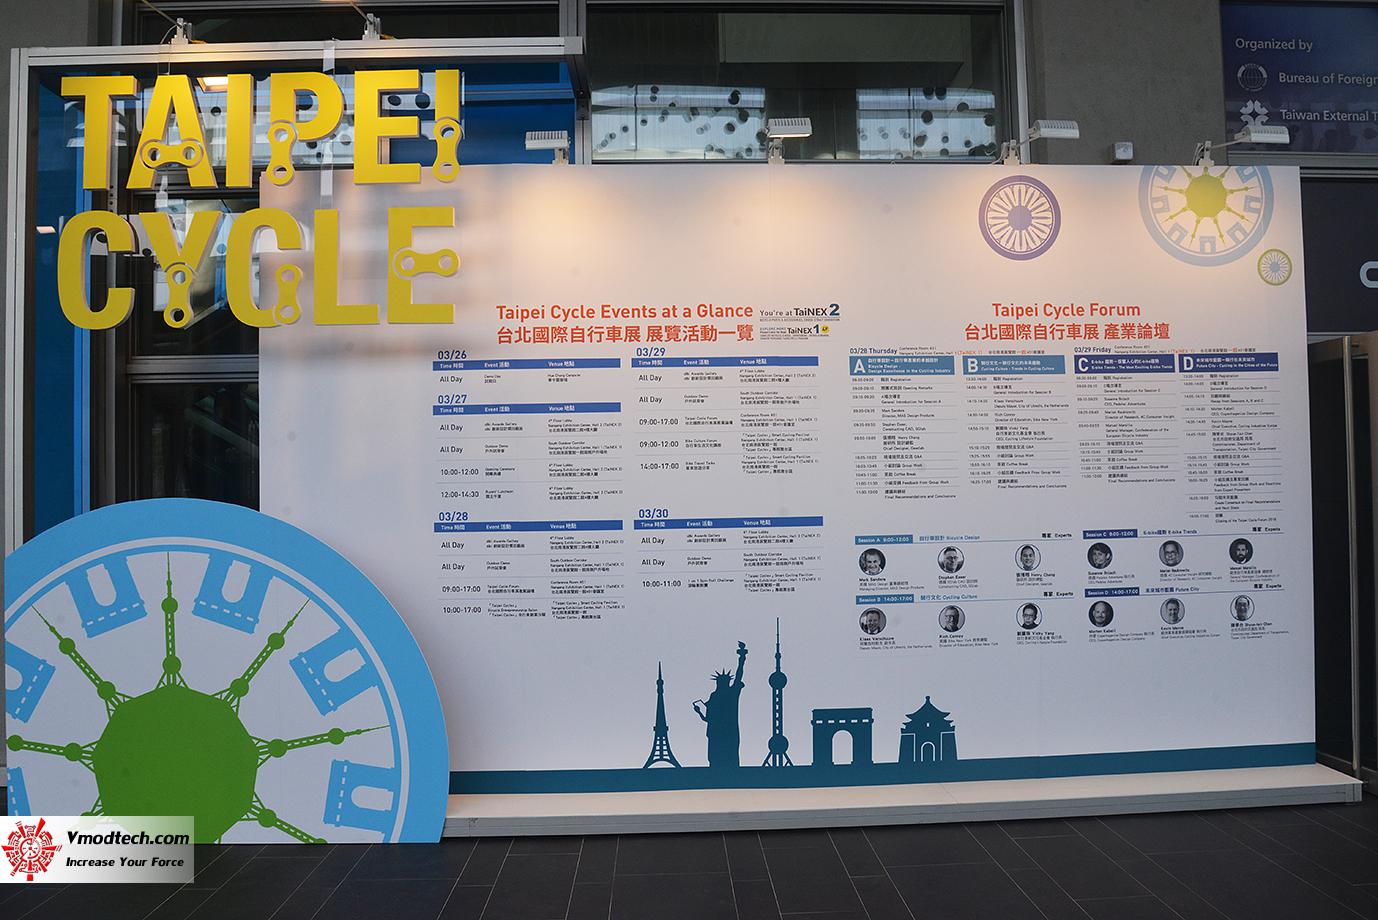 dsc 9150 เยี่ยมชมงาน TAIPEI CYCLE 2019 งานของคนรักจักรยาน ณ กรุงไทเป ประเทศไต้หวัน